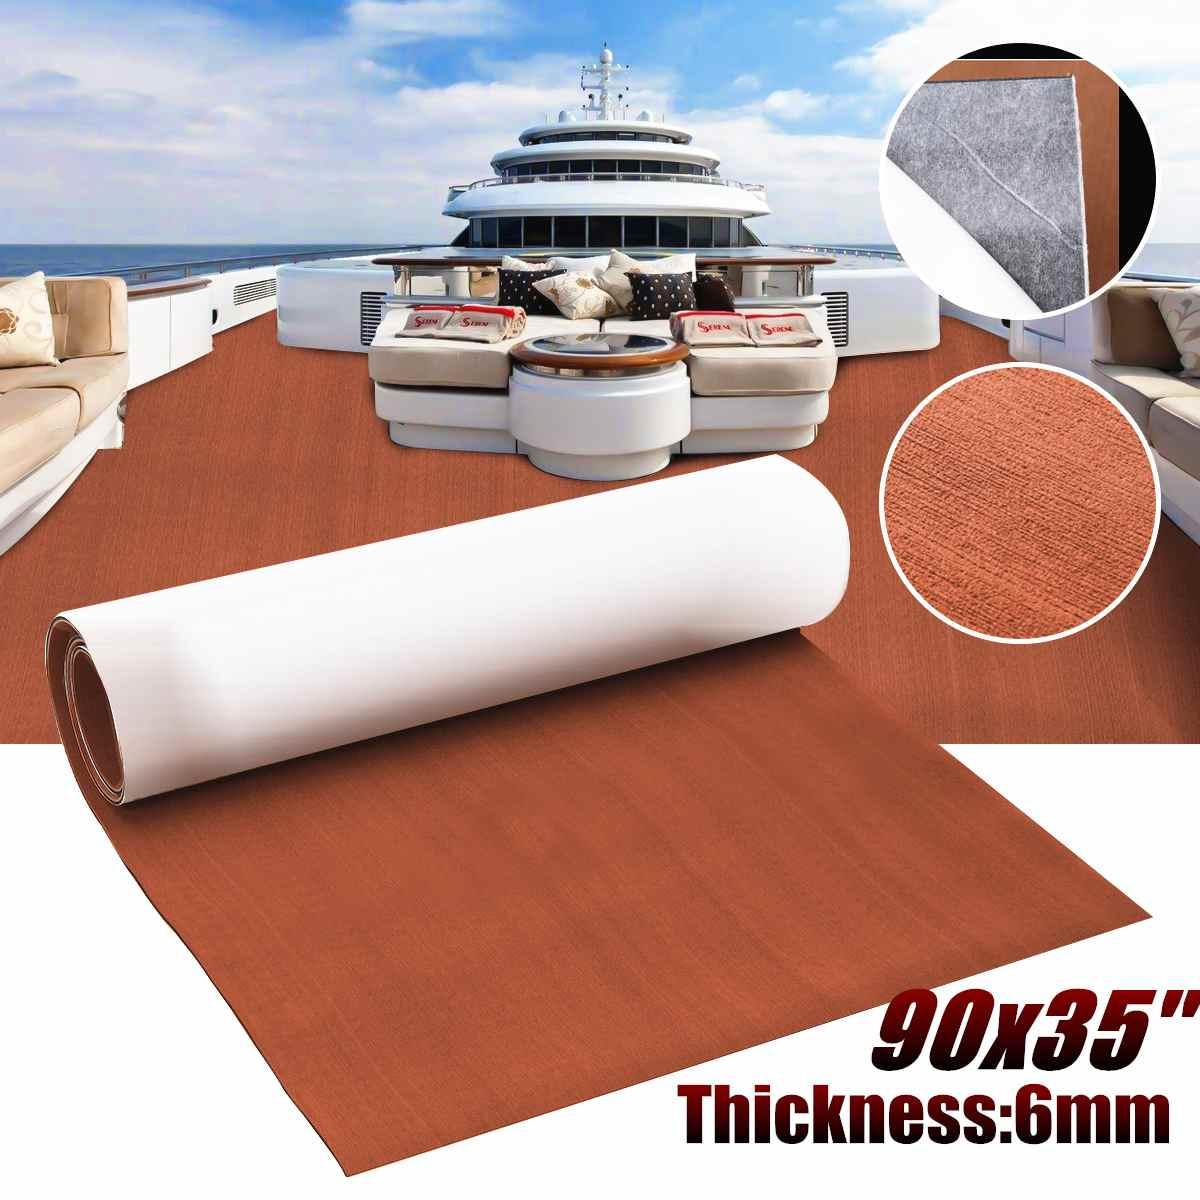 230x90x0.6 cm brun foncé EVA mousse teck pont feuille tapis tapis auto-adhésif bateau Yacht RV camping-car synthétique platelage mousse tapis de sol